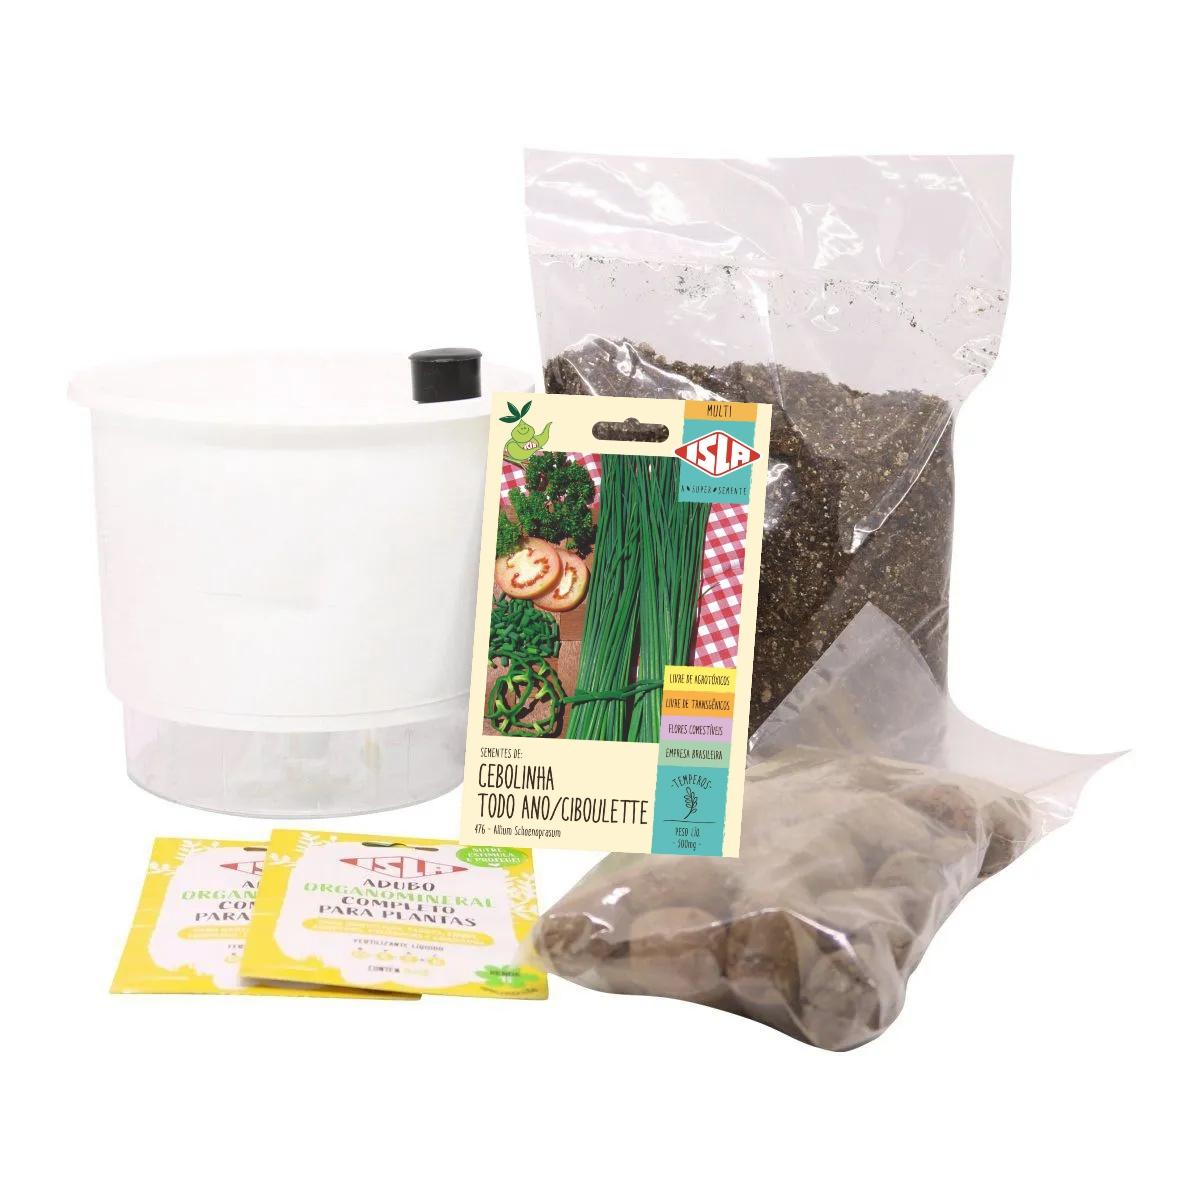 Kit Completo Inicial Branco: Meu Primeiro Plantio de Cebolinha + Manual de plantio